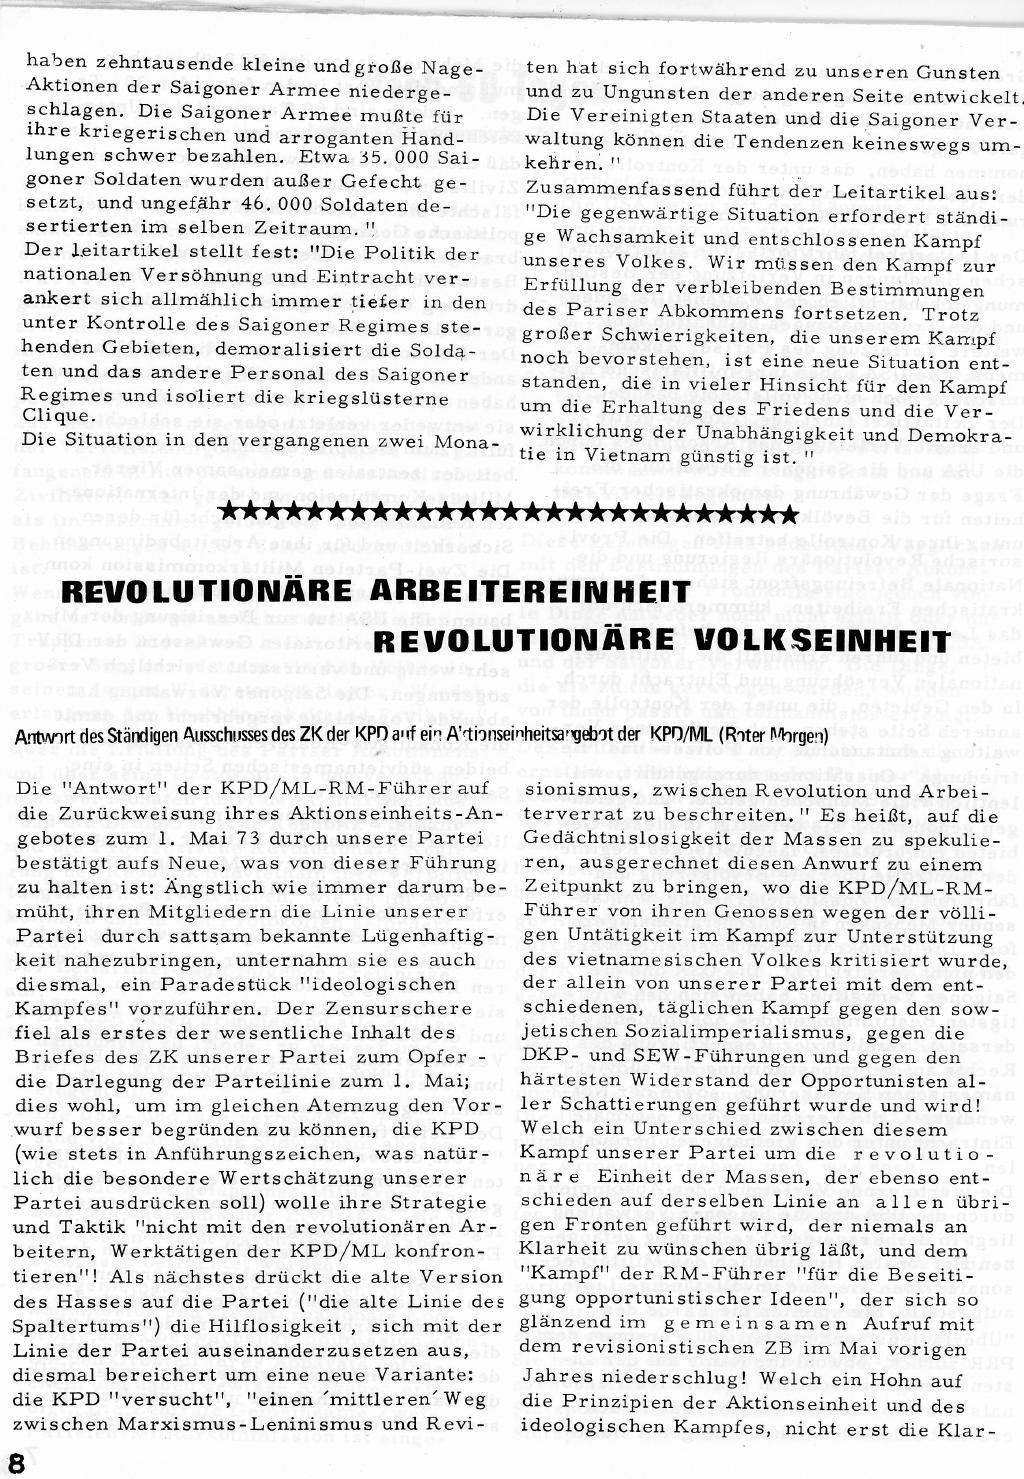 RPK_1973_011_012_08